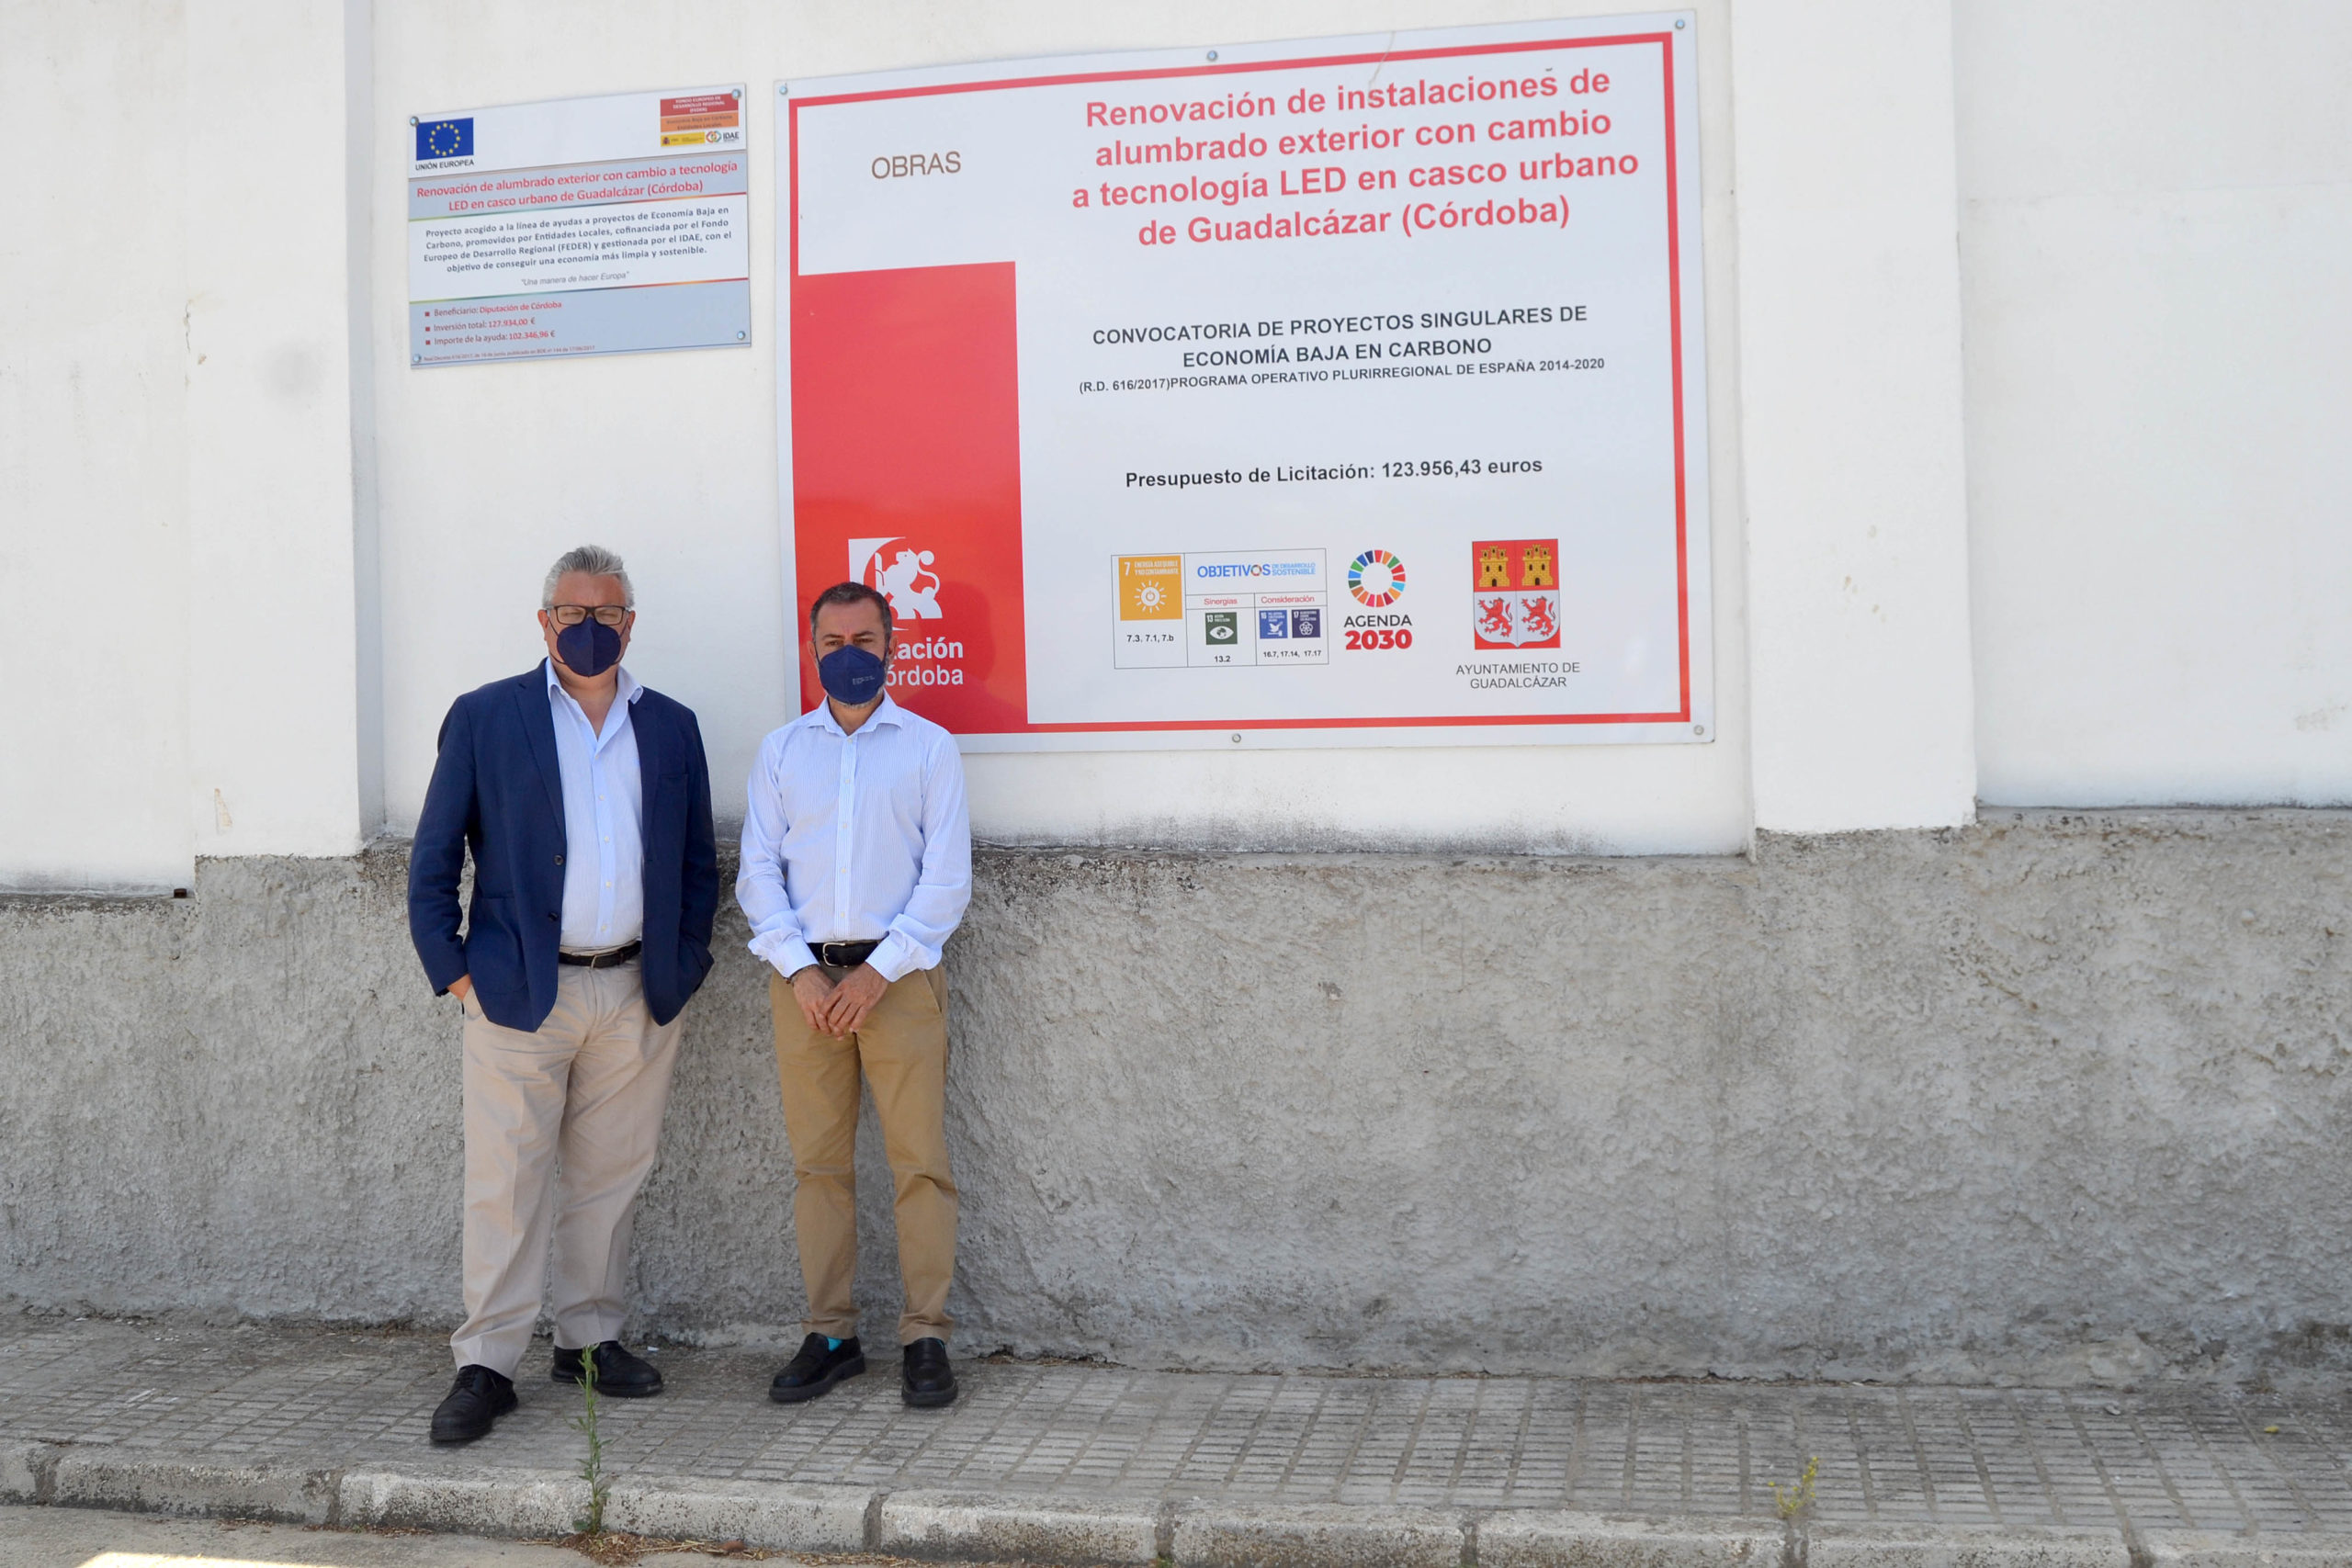 La Diputación culmina la instalación de luminarias led en Guadalcázar